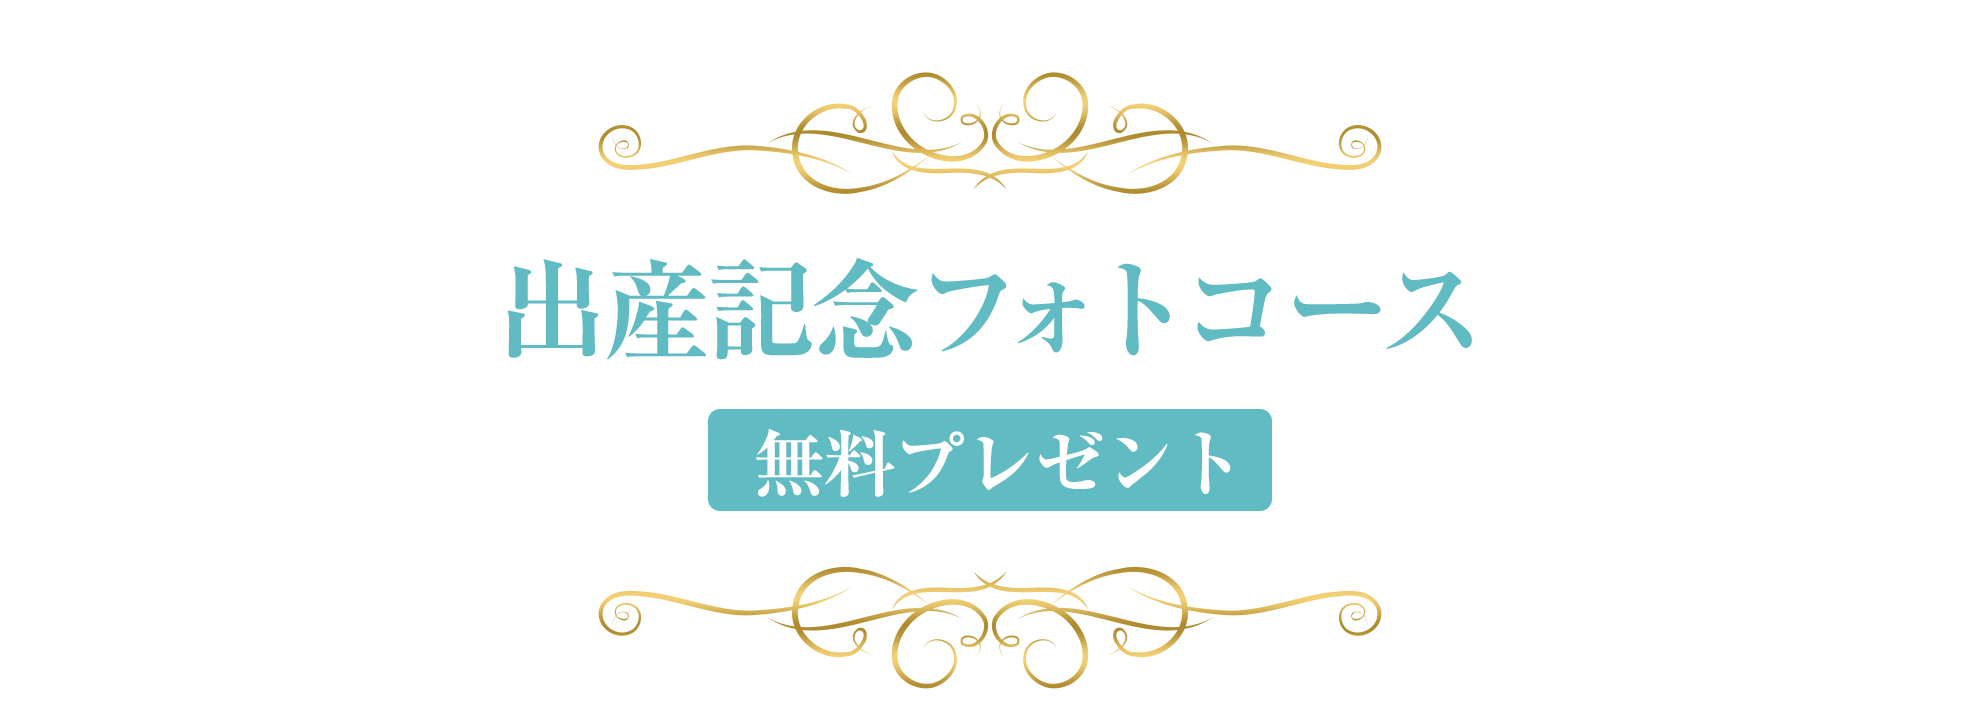 出産記念フォトコース [無料プレゼント]